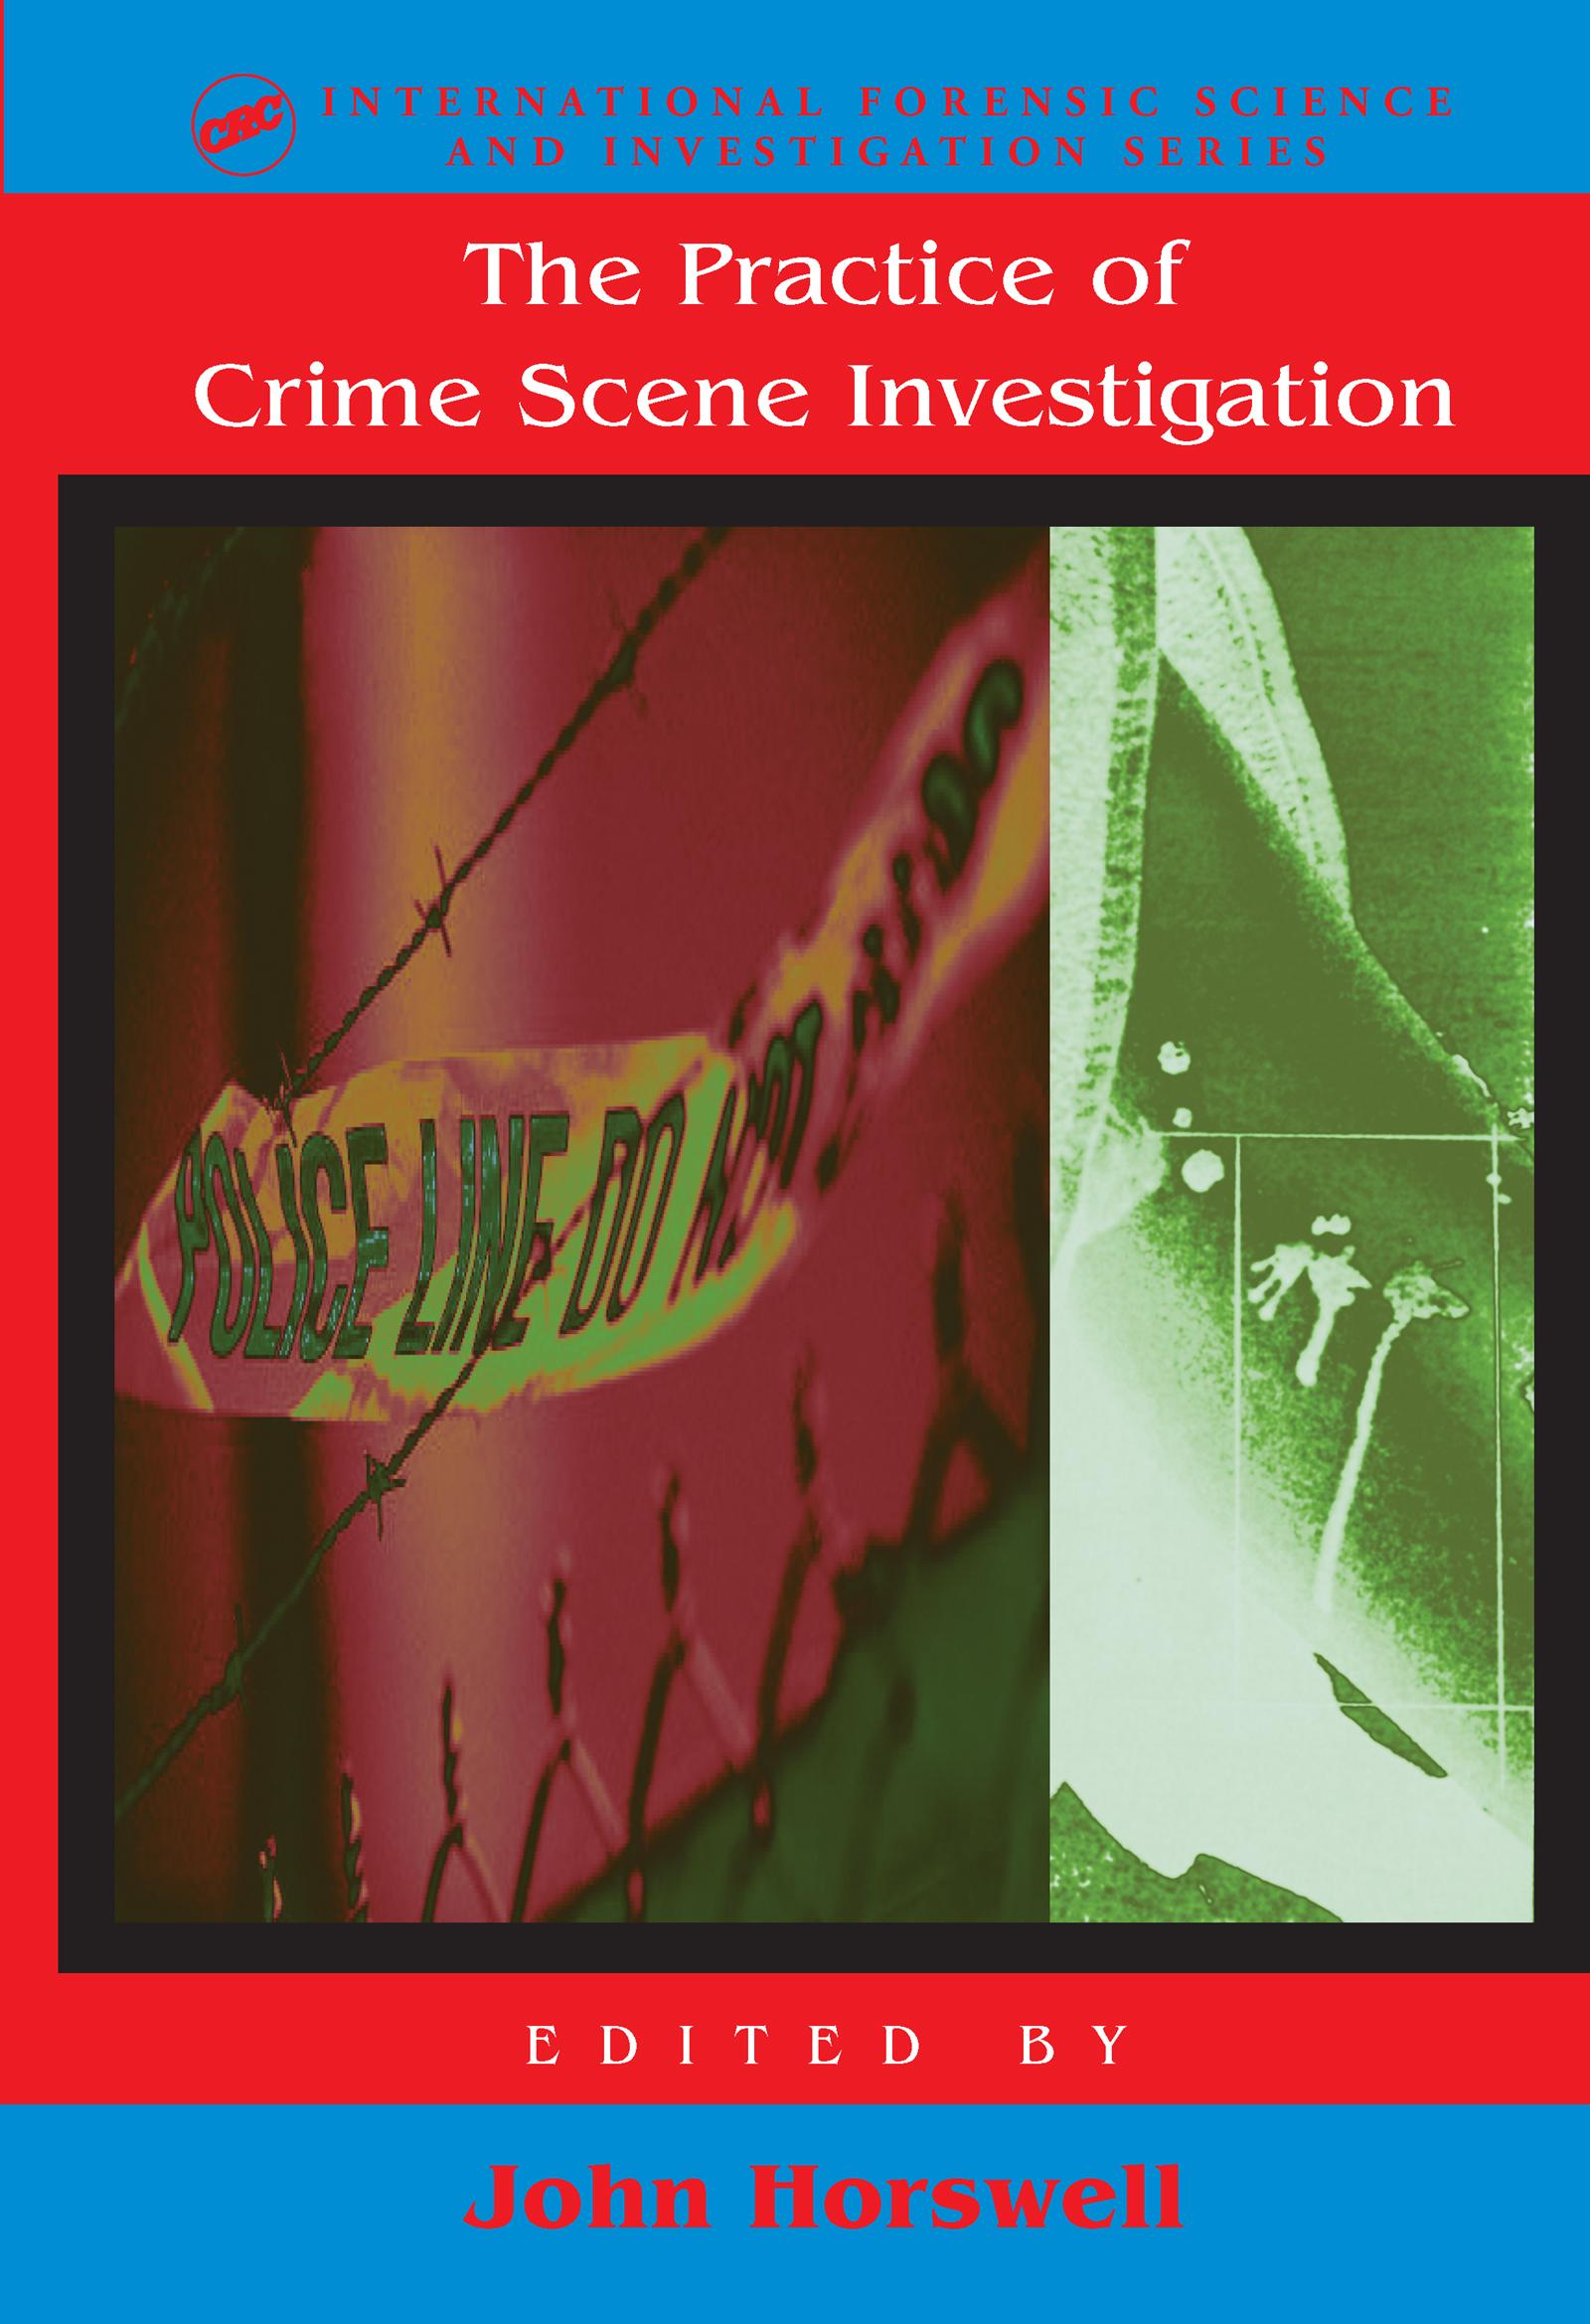 The Practice Of Crime Scene Investigation book cover